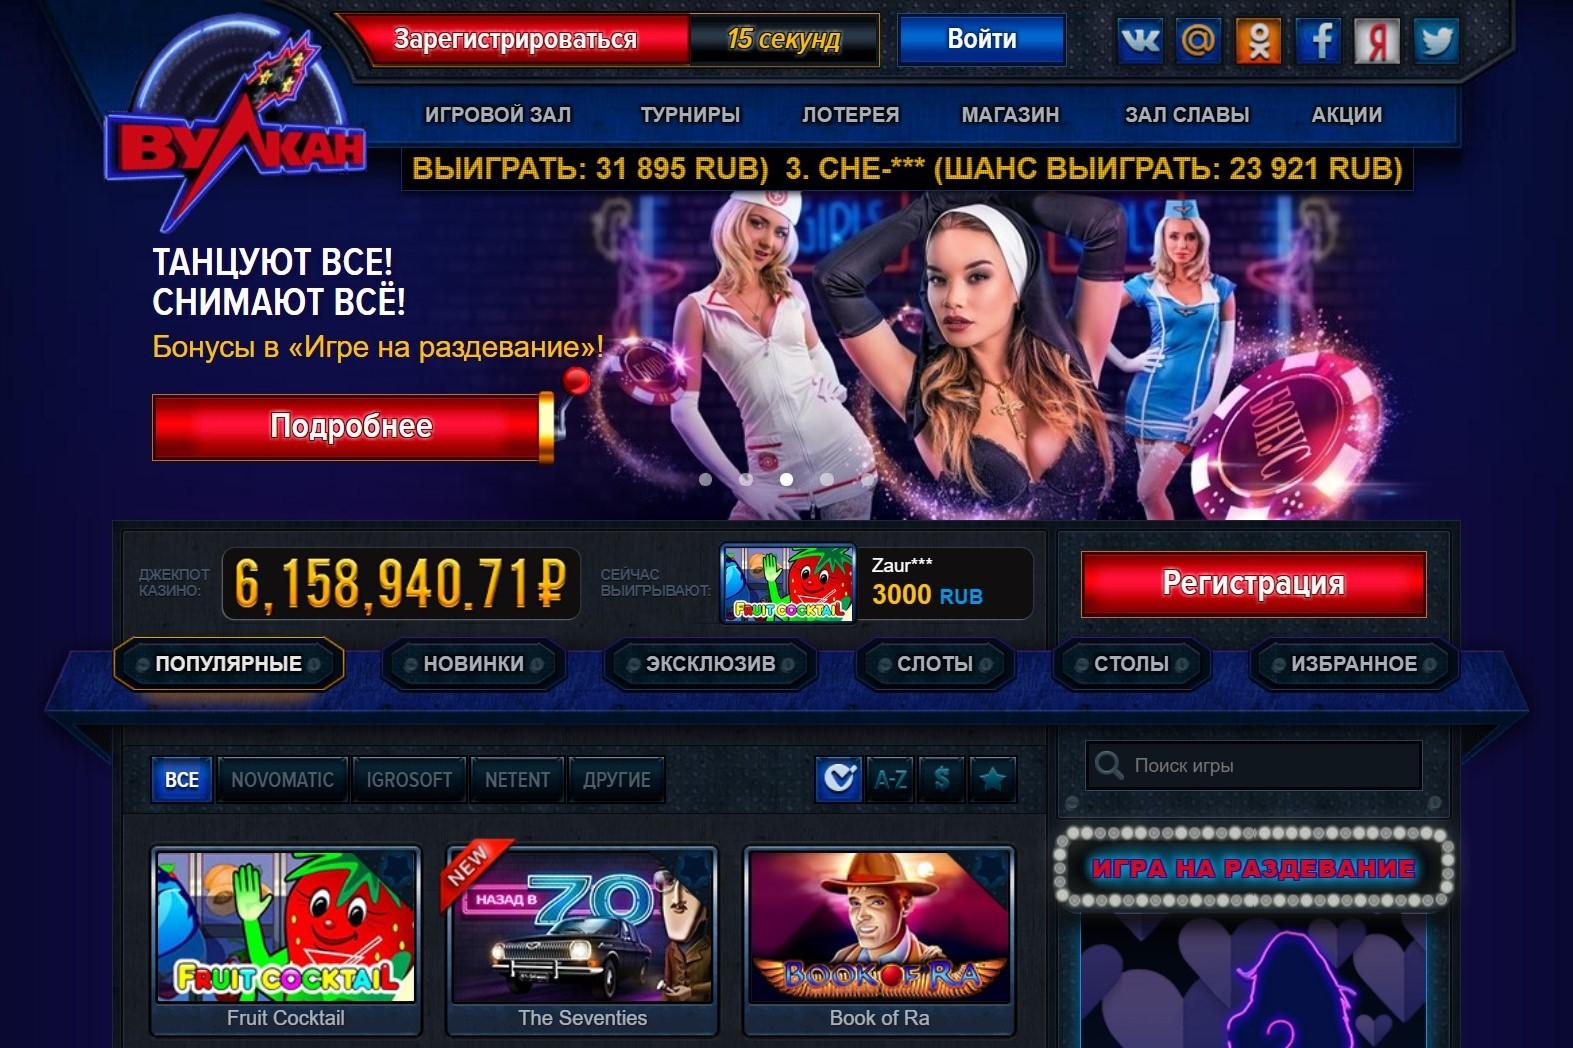 Азартные игры онлайн, азартные игры в казино Вулкан